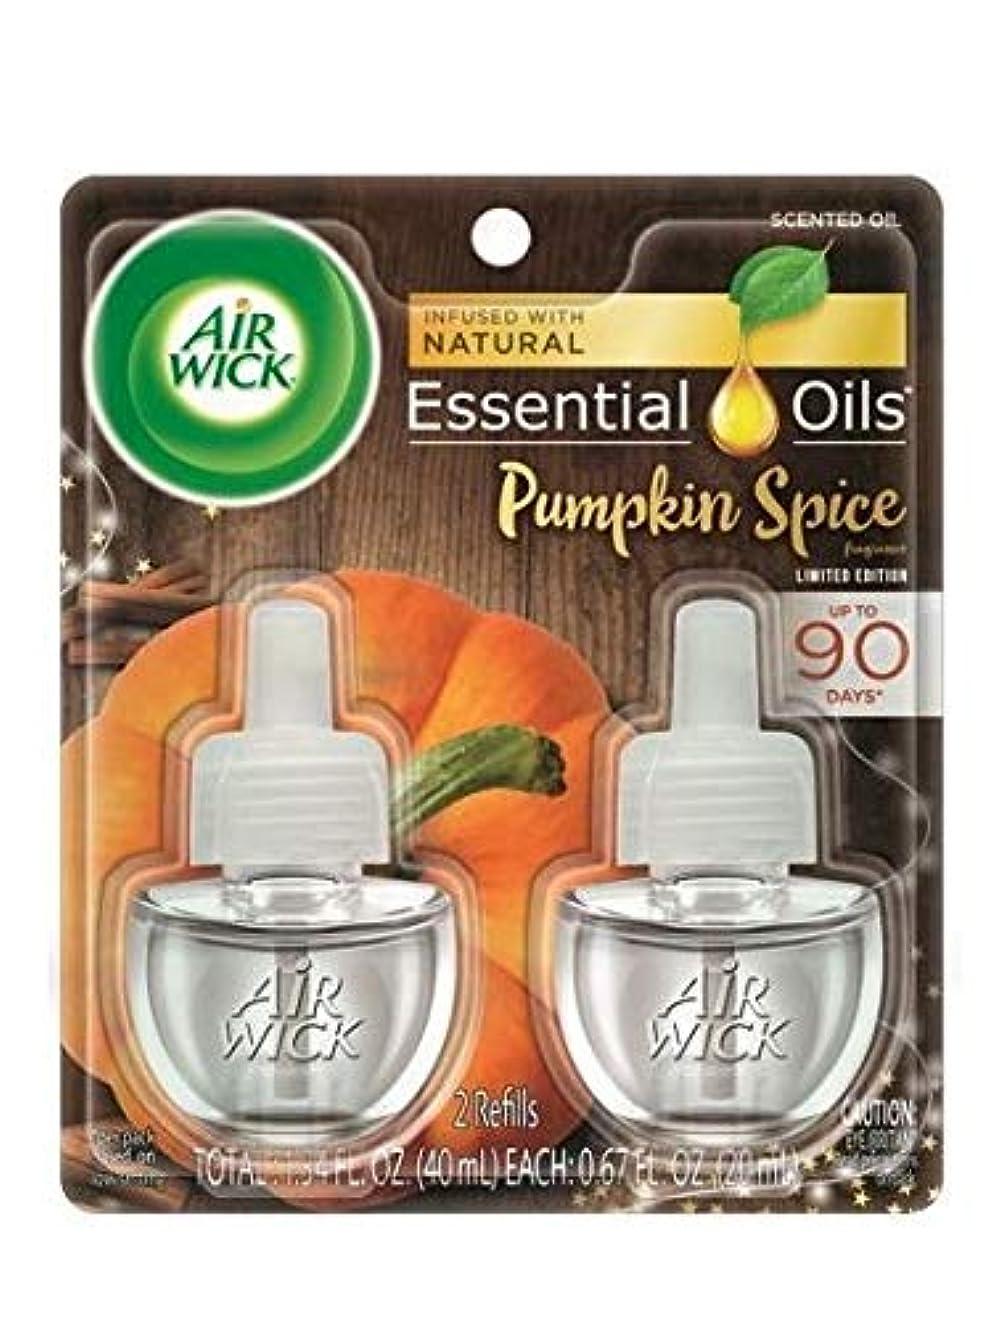 カラス残高玉【Air Wick/エアーウィック】 プラグインオイル詰替えリフィル(2個入り) パンプキンスパイス Air Wick Scented Oil Twin Refill Pumpkin Spice (2X.67) Oz. [並行輸入品]